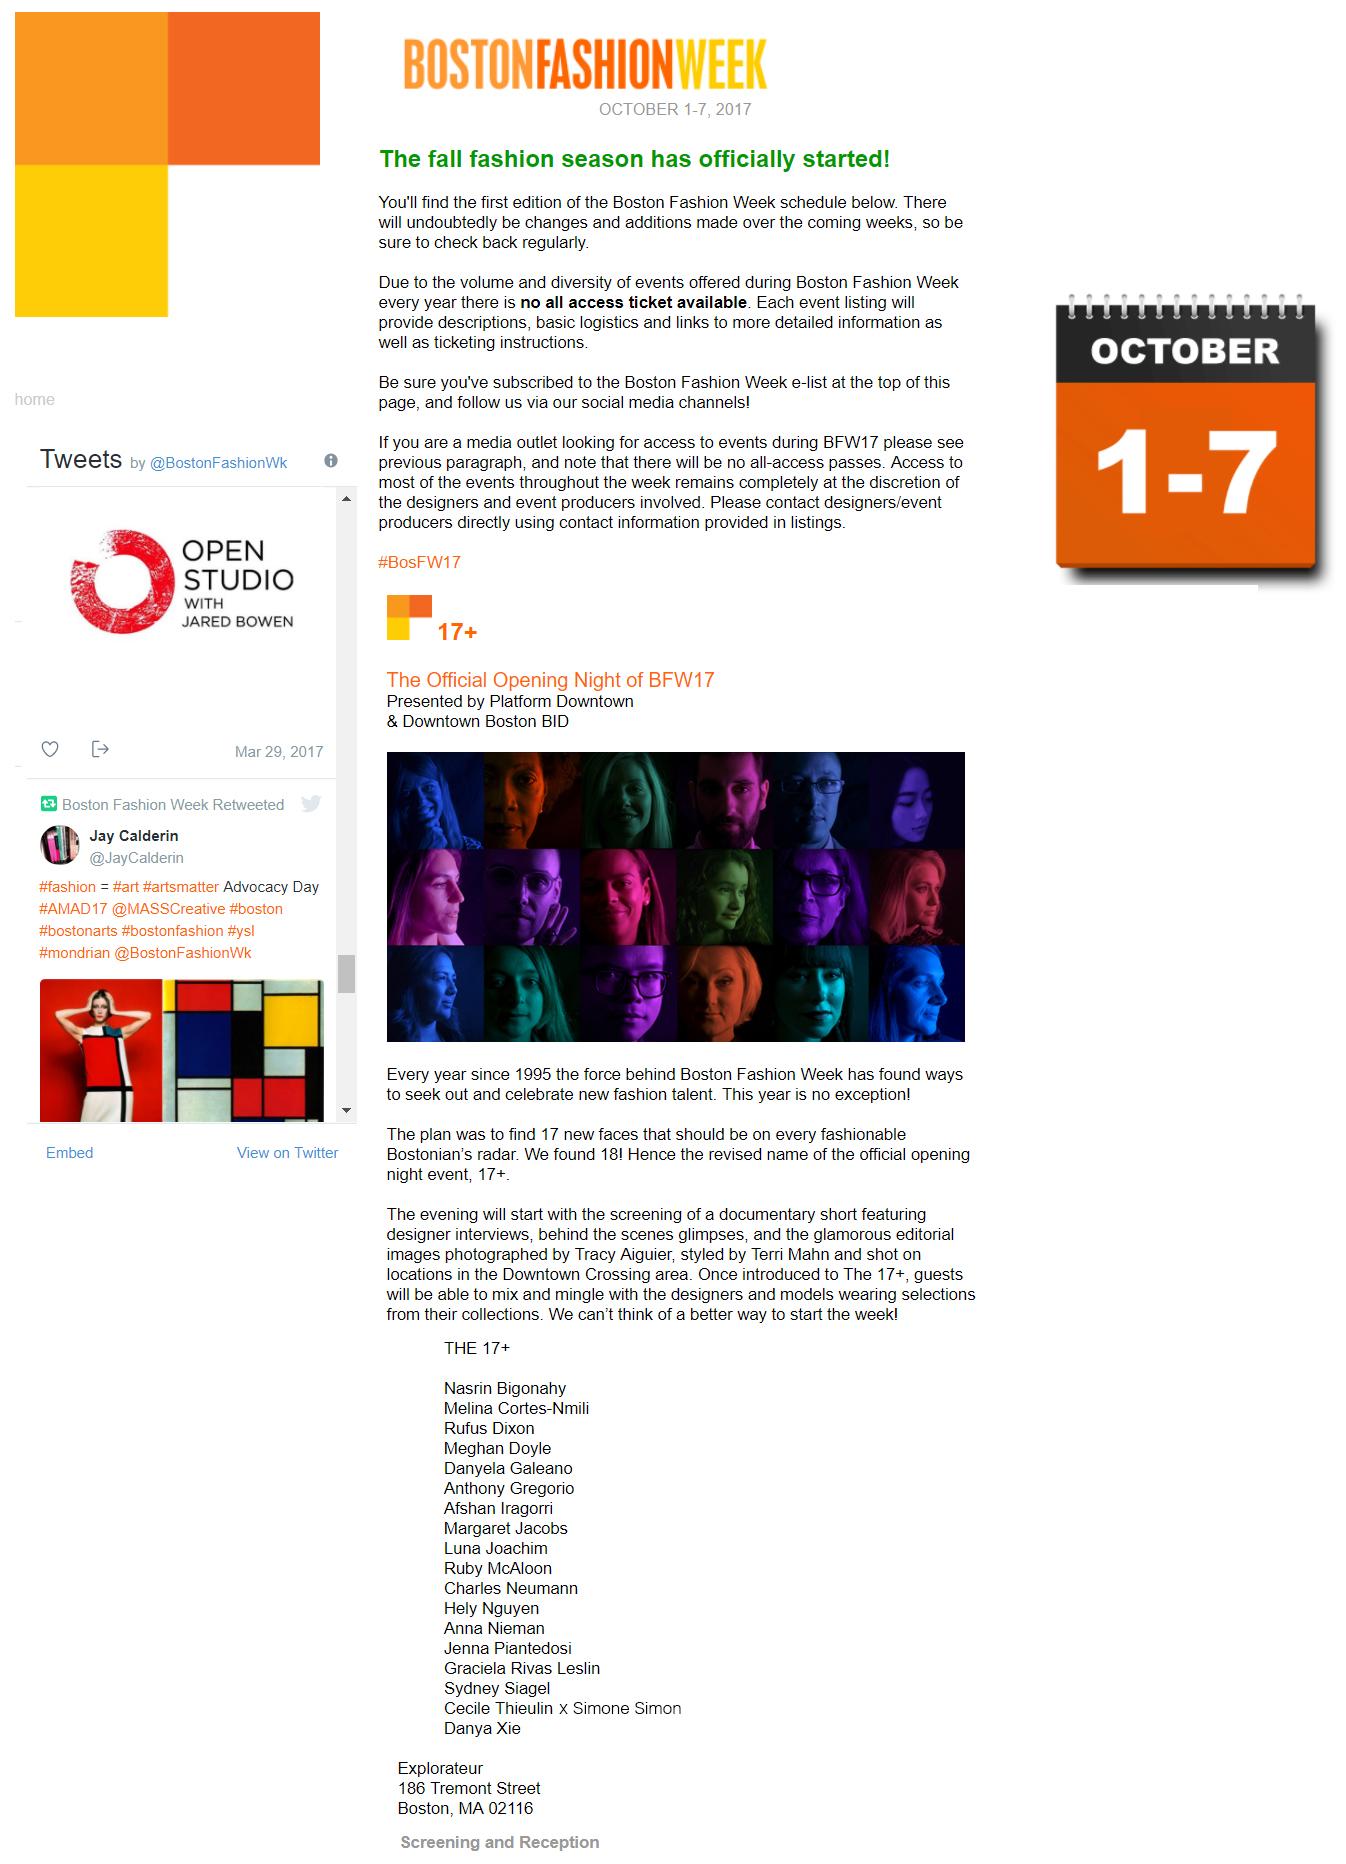 BosFashionWeek 2017 the 17+-1.jpg